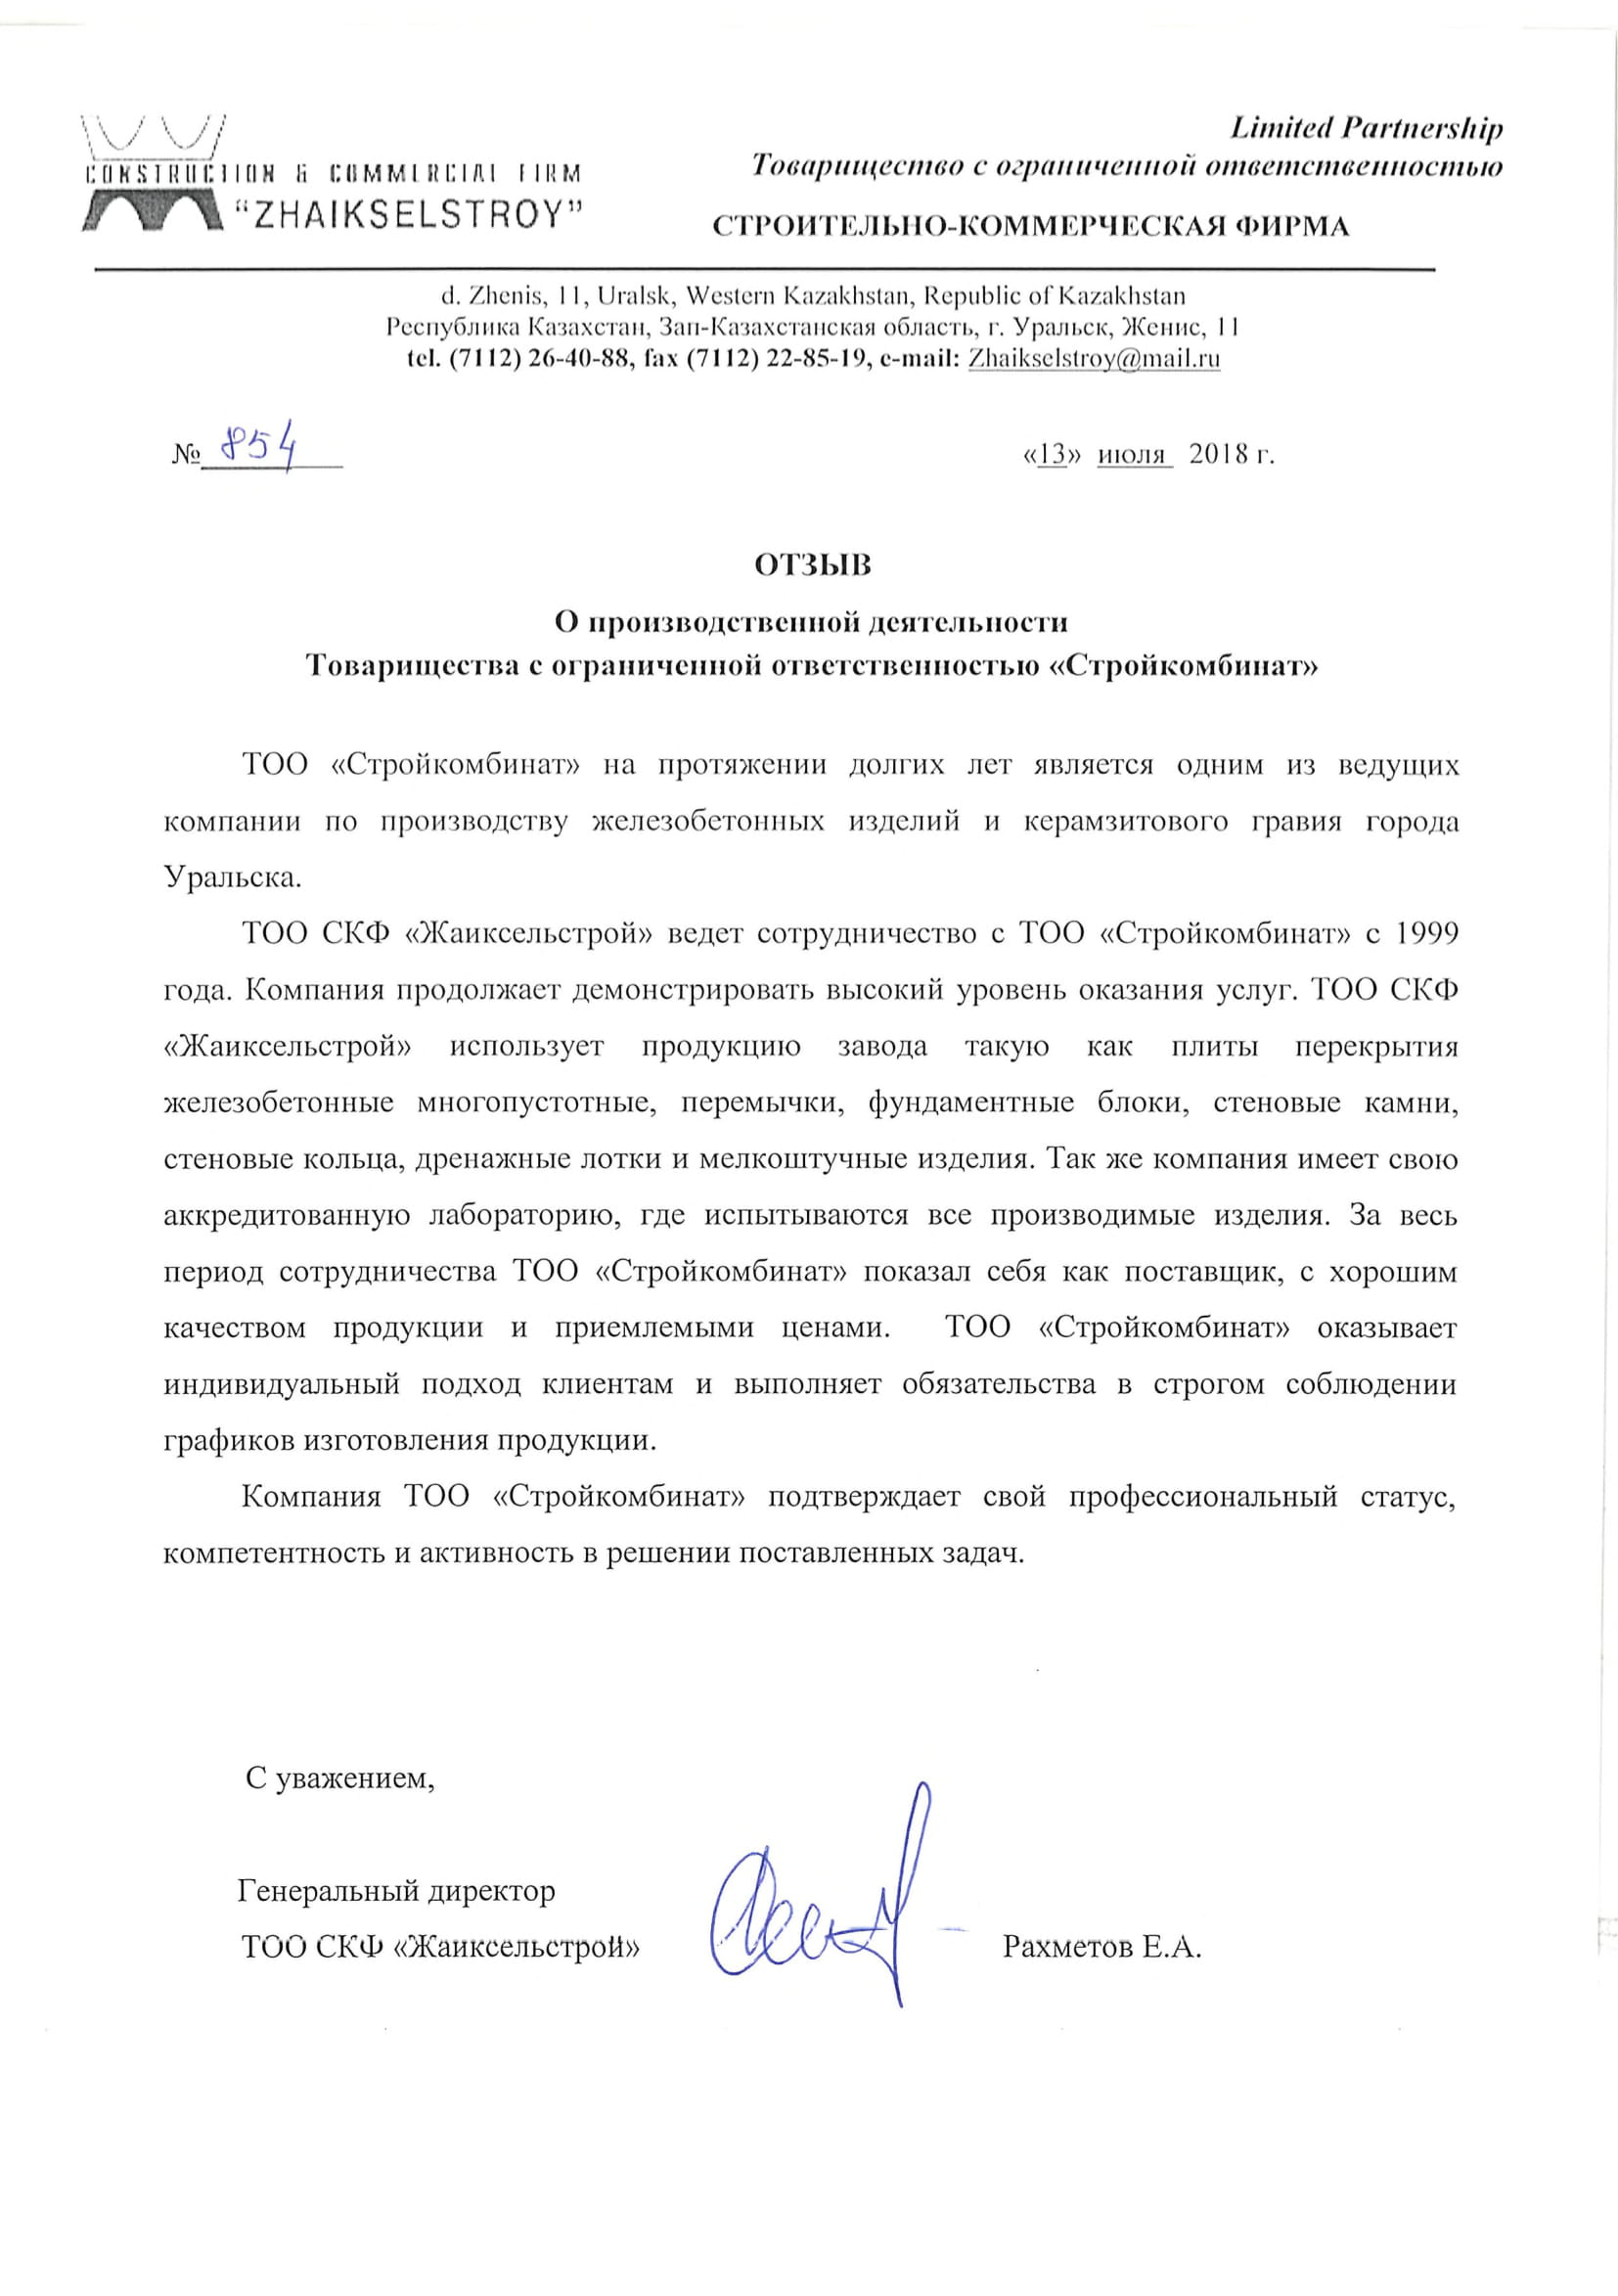 ТОО СКФ «Жаиксельстрой»